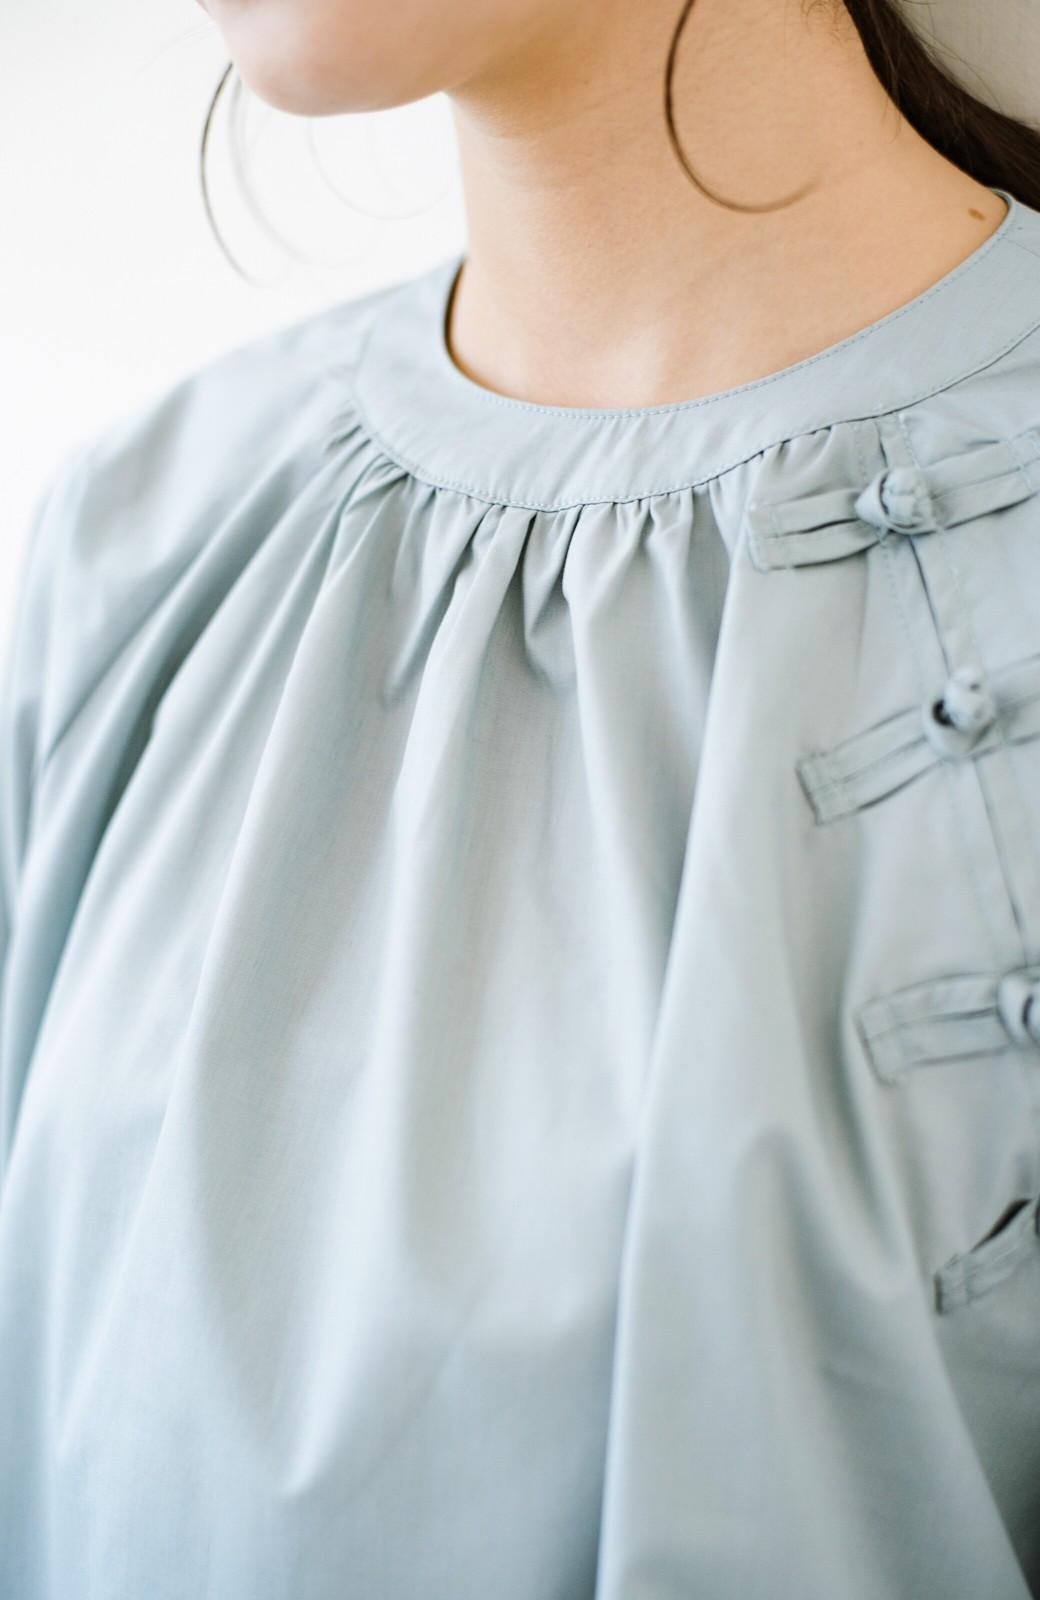 haco! パッと着るだけで新鮮&おしゃれ見え!ゆるめサイズが今っぽいチャイナボタンブラウス <ミント>の商品写真3